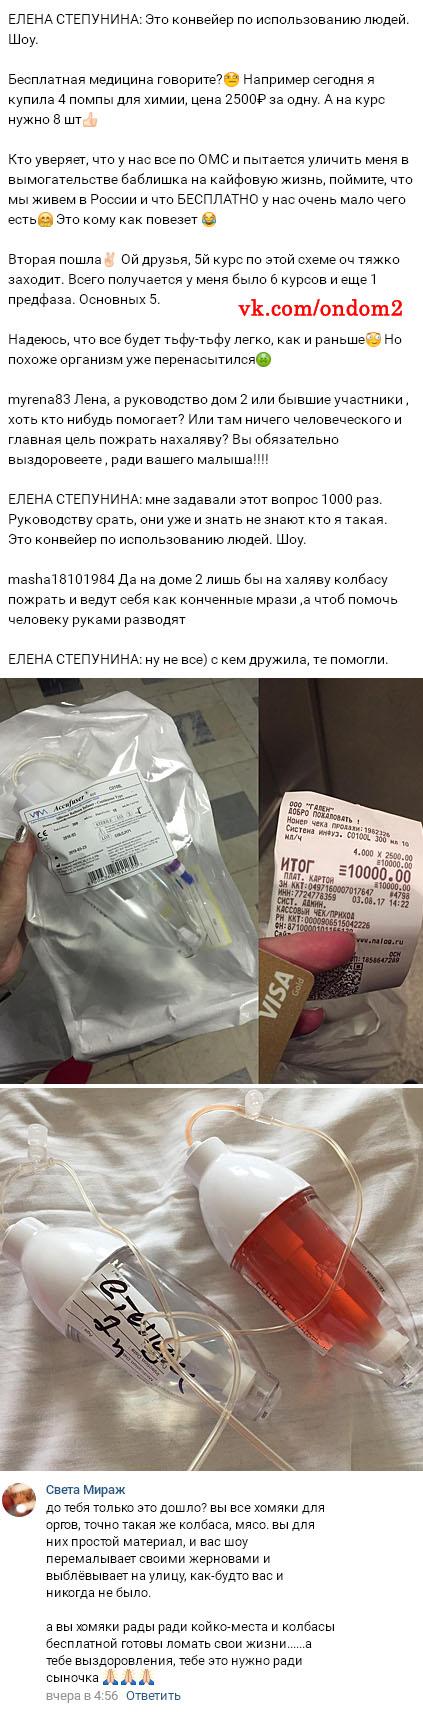 Фото лекарств Елены Степуниной вконтакте